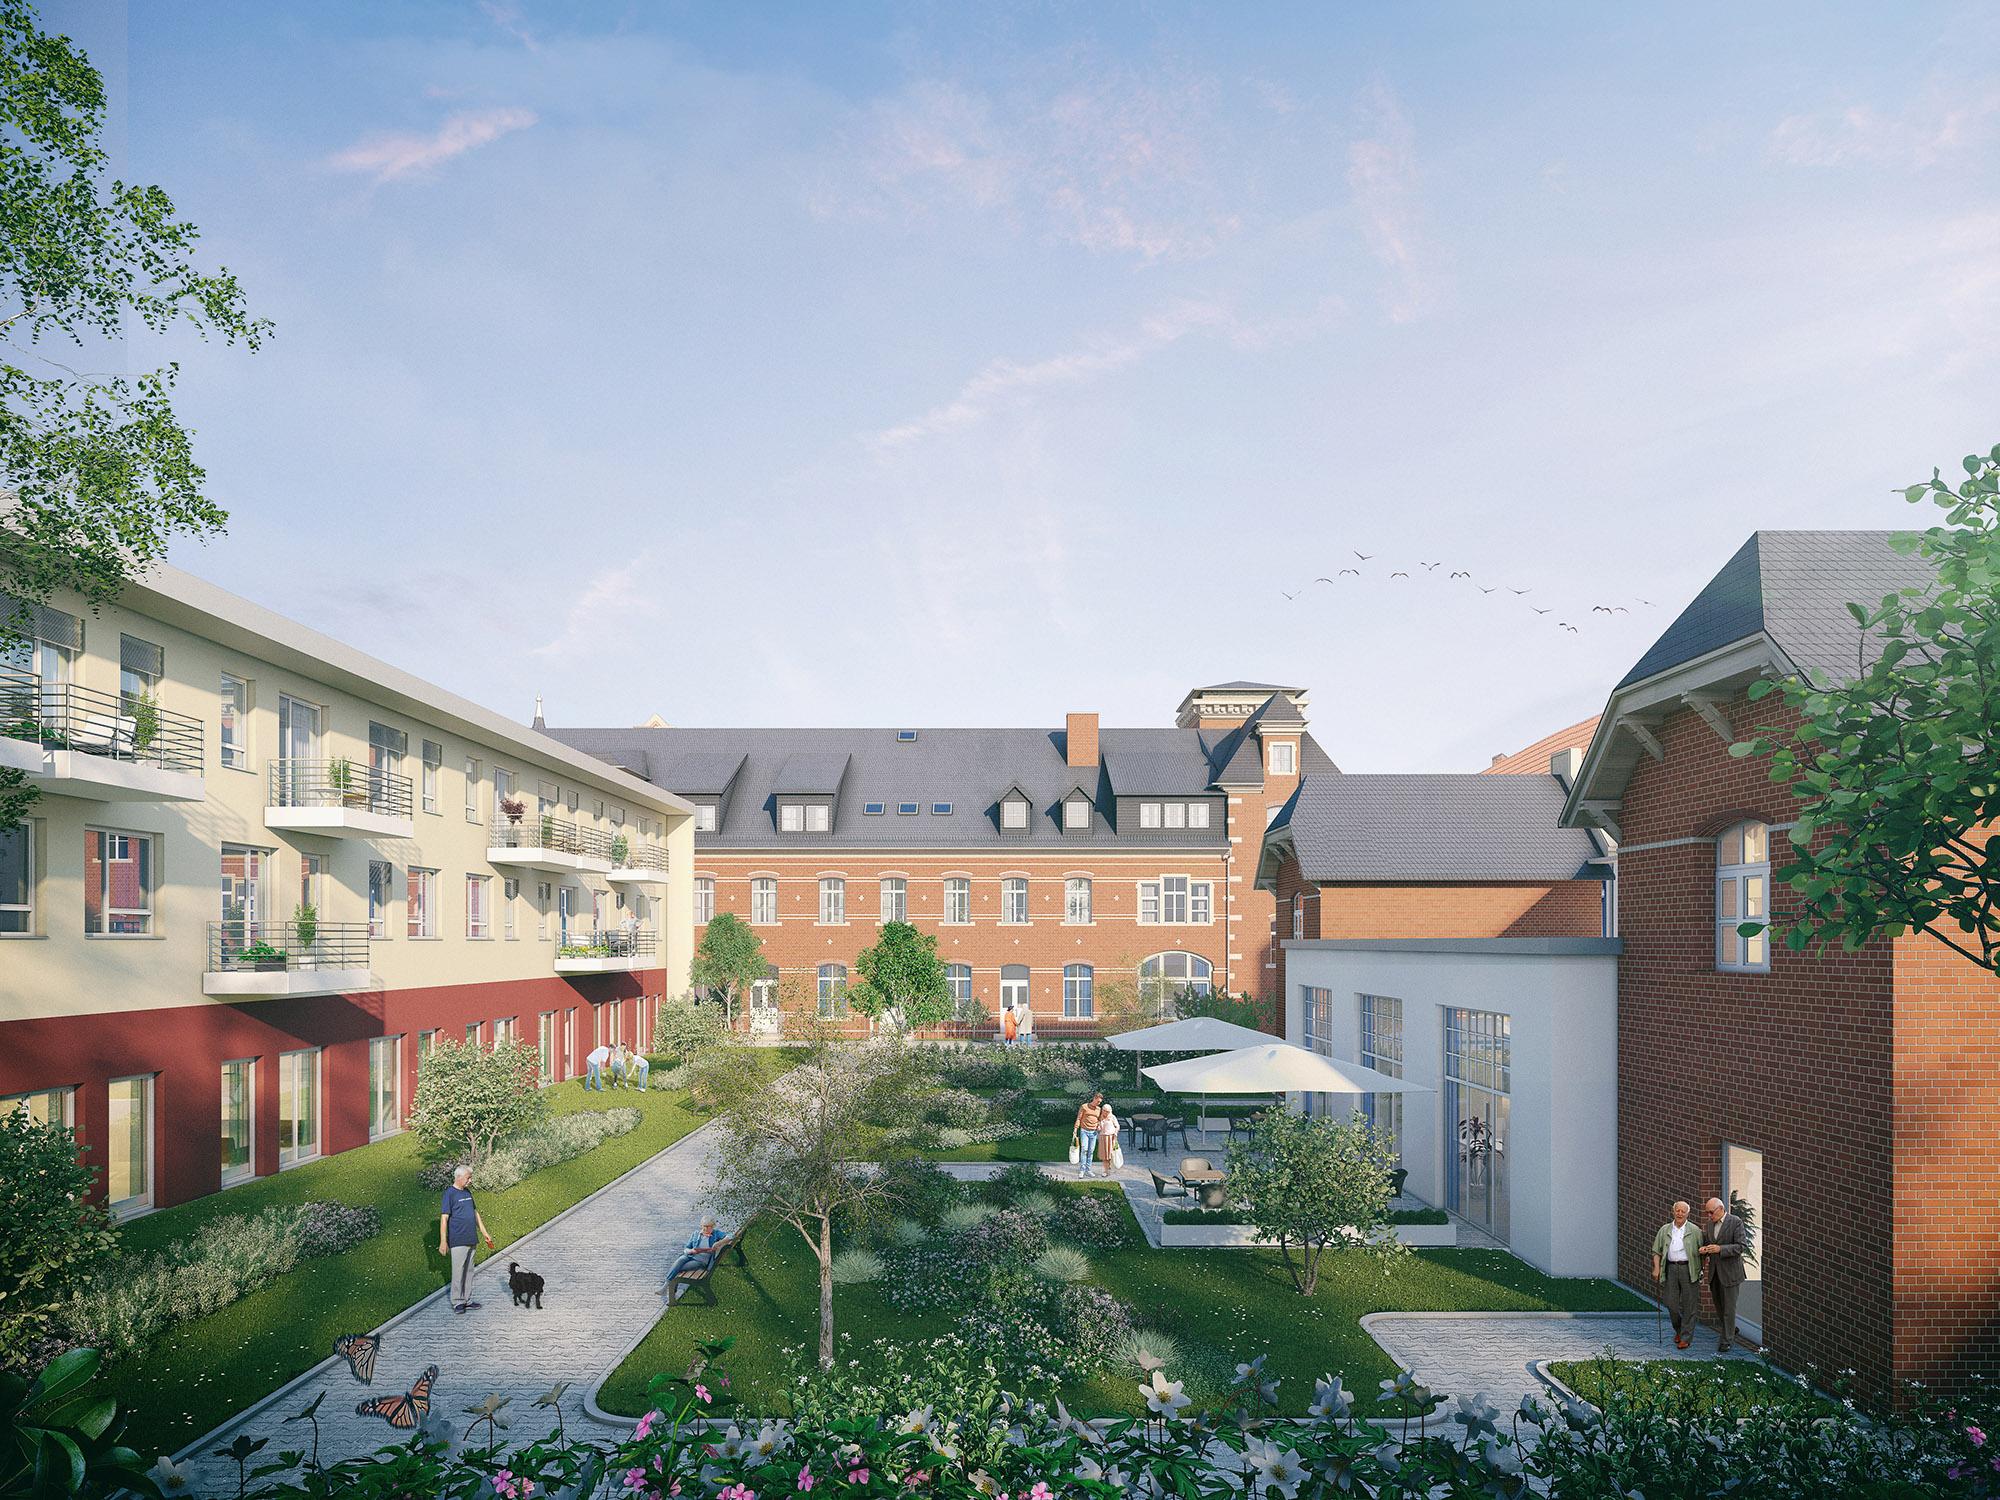 mojoimages architekturvisualisierung Advita Altenwohnen Immobilie Apolda Hof 2019